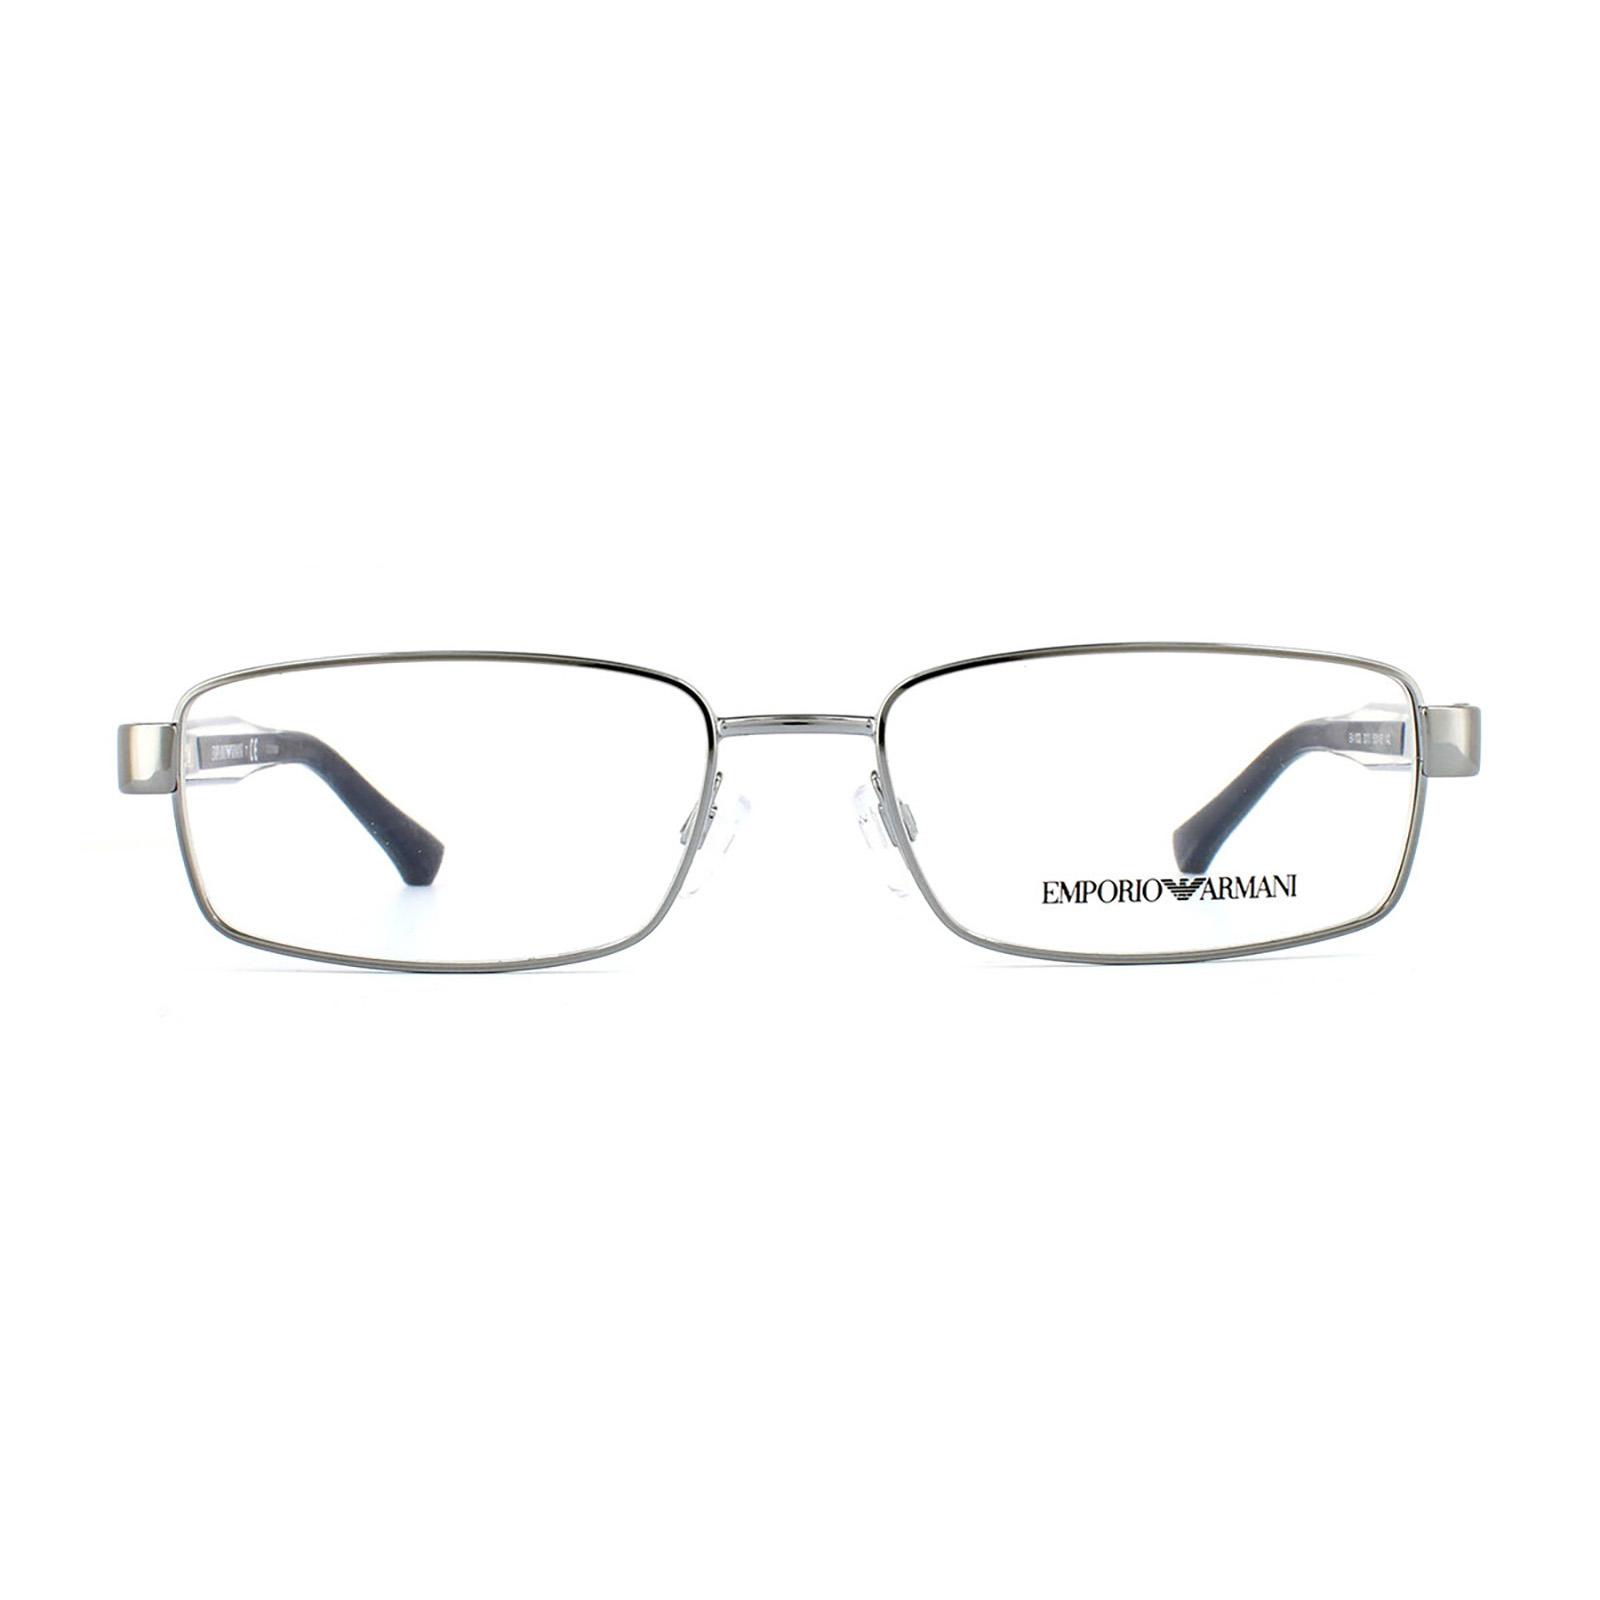 e2bcdd0b1c Emporio Armani Eyewear 1059